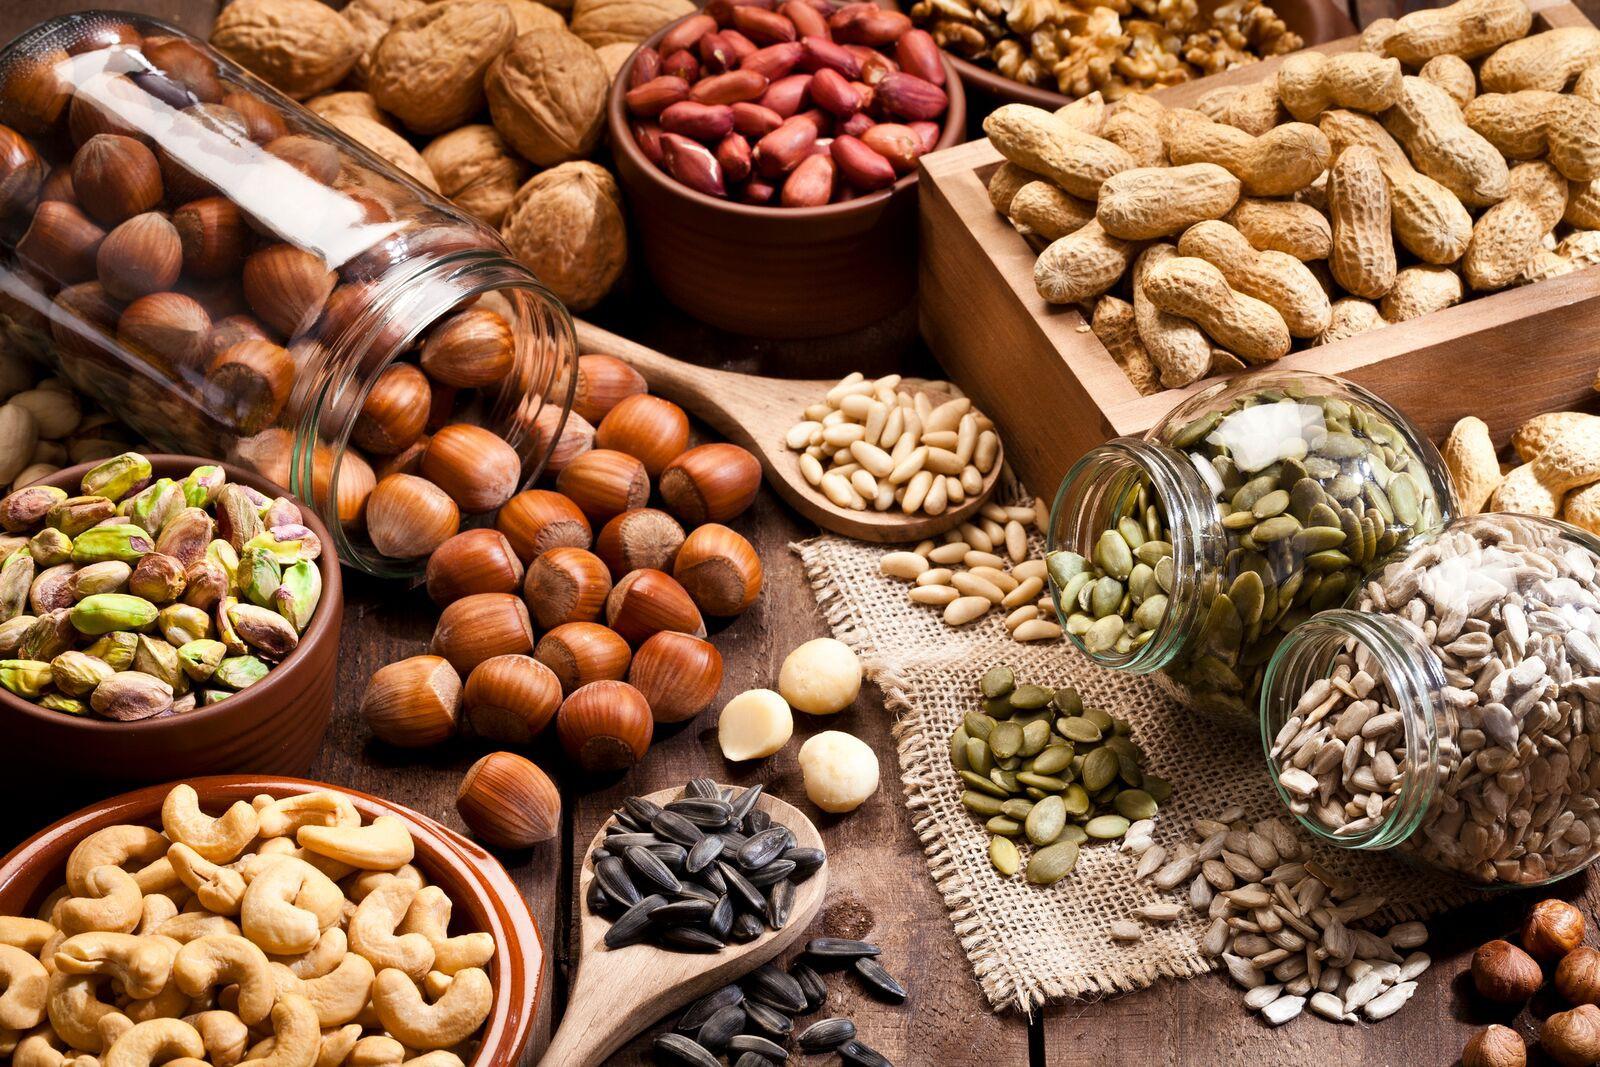 Khám phá những 'siêu thực phẩm' có tác dụng chống lão hóa làn da mạnh mẽ nhất - Ảnh 6